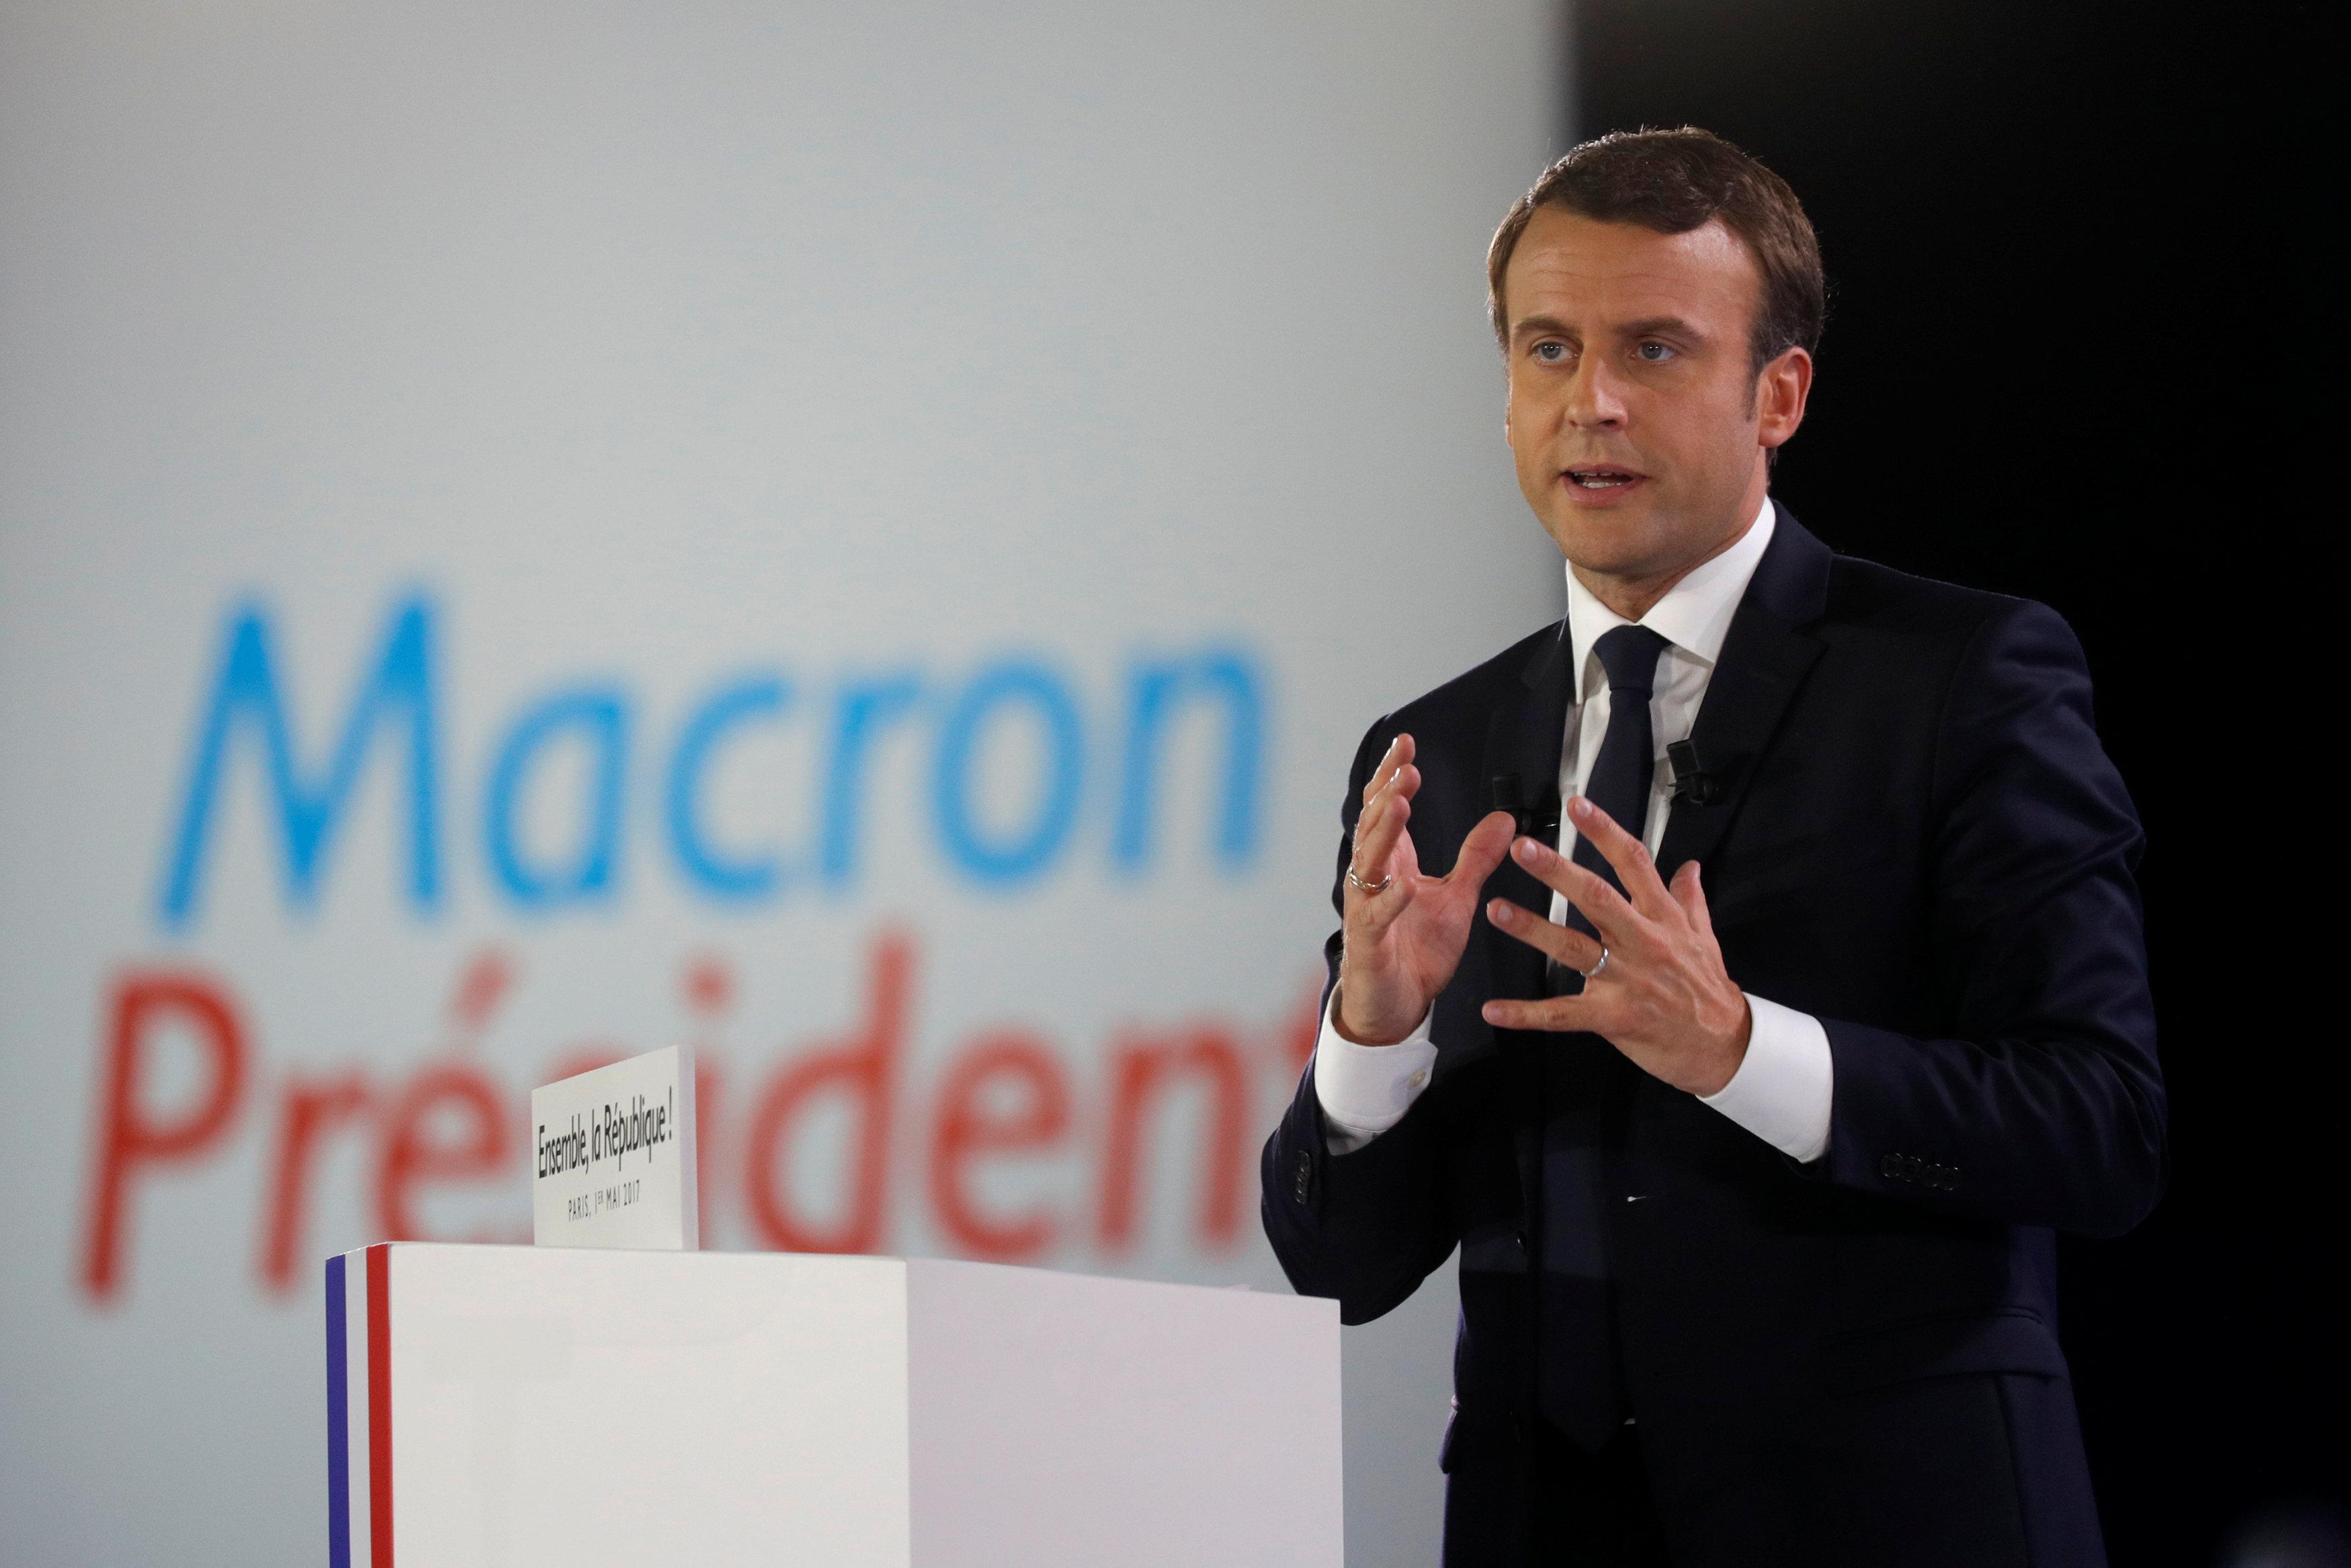 French Président Emanuelle Macron